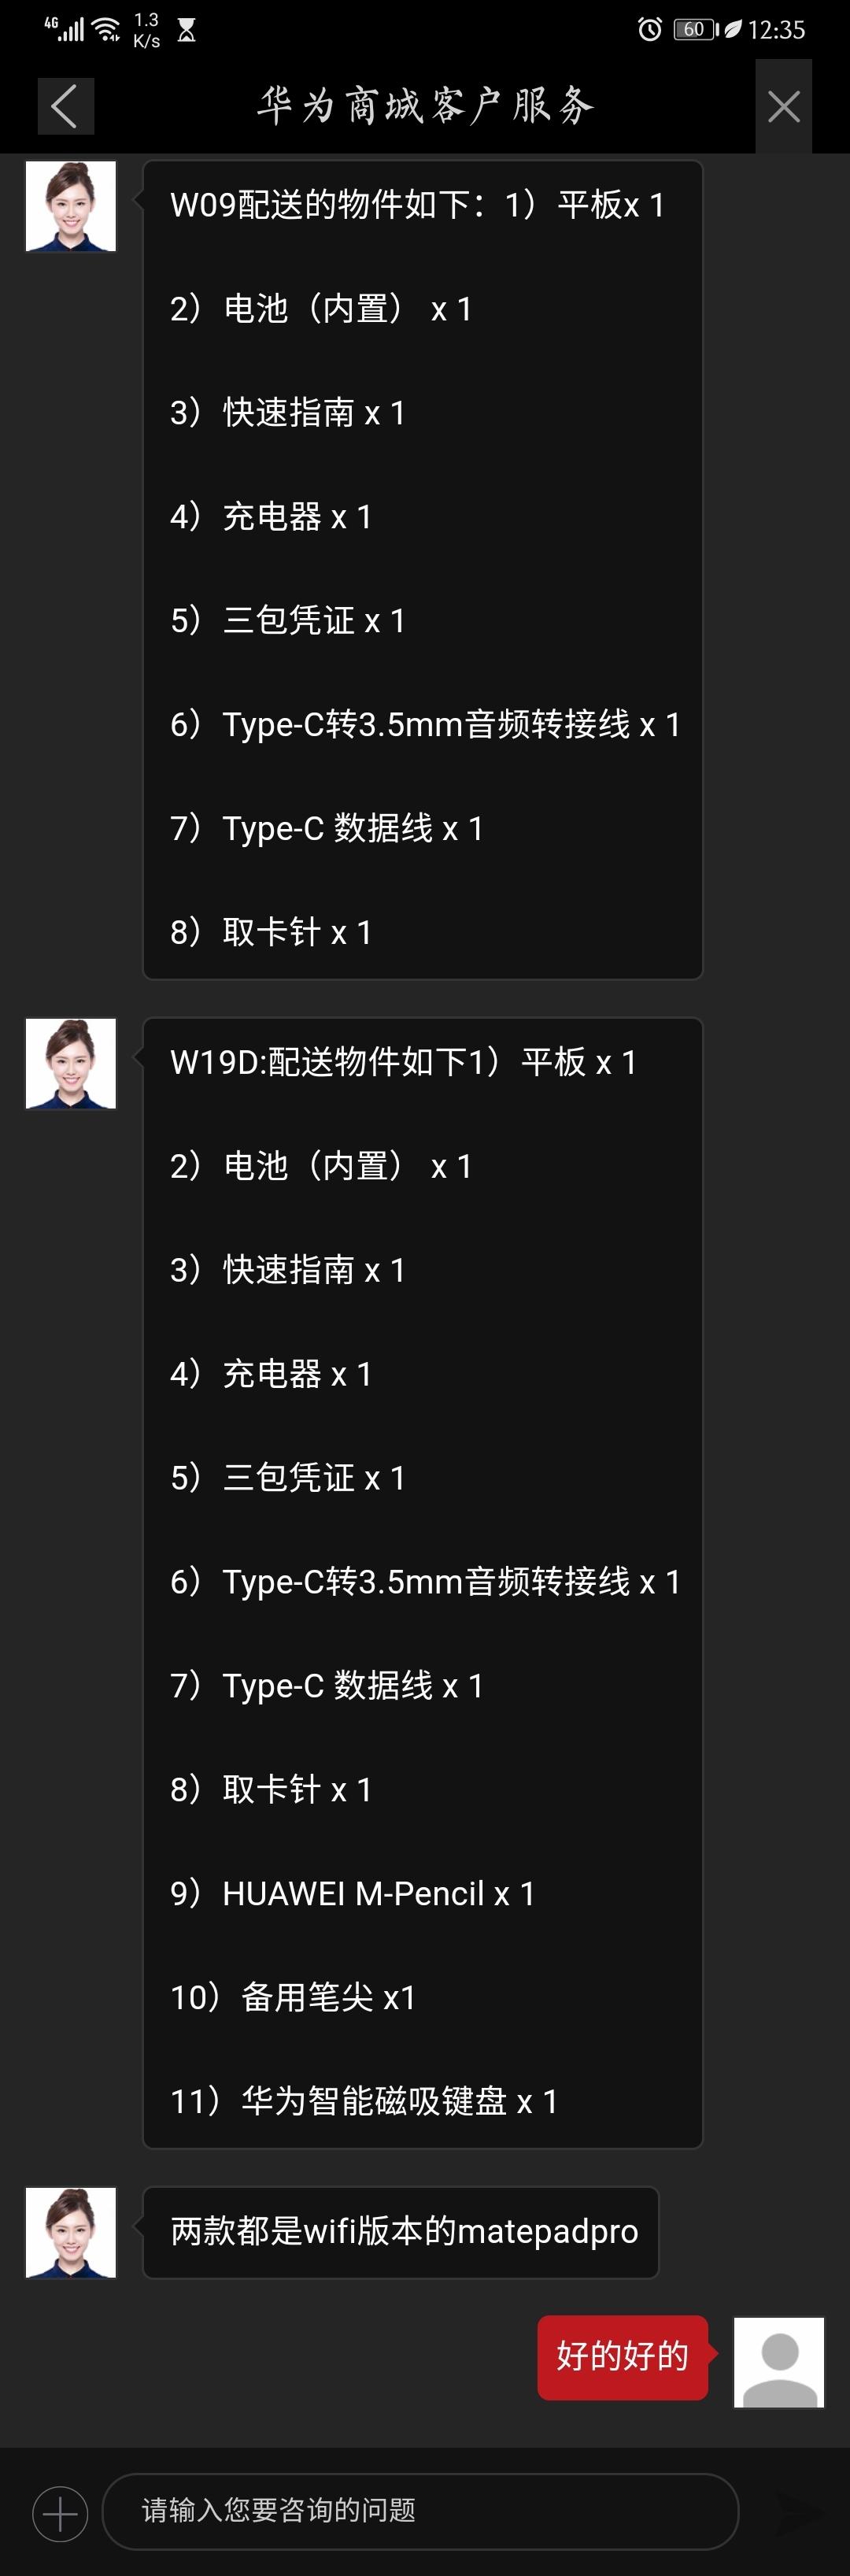 Screenshot_20200518_123551_com.vmall.client.jpg